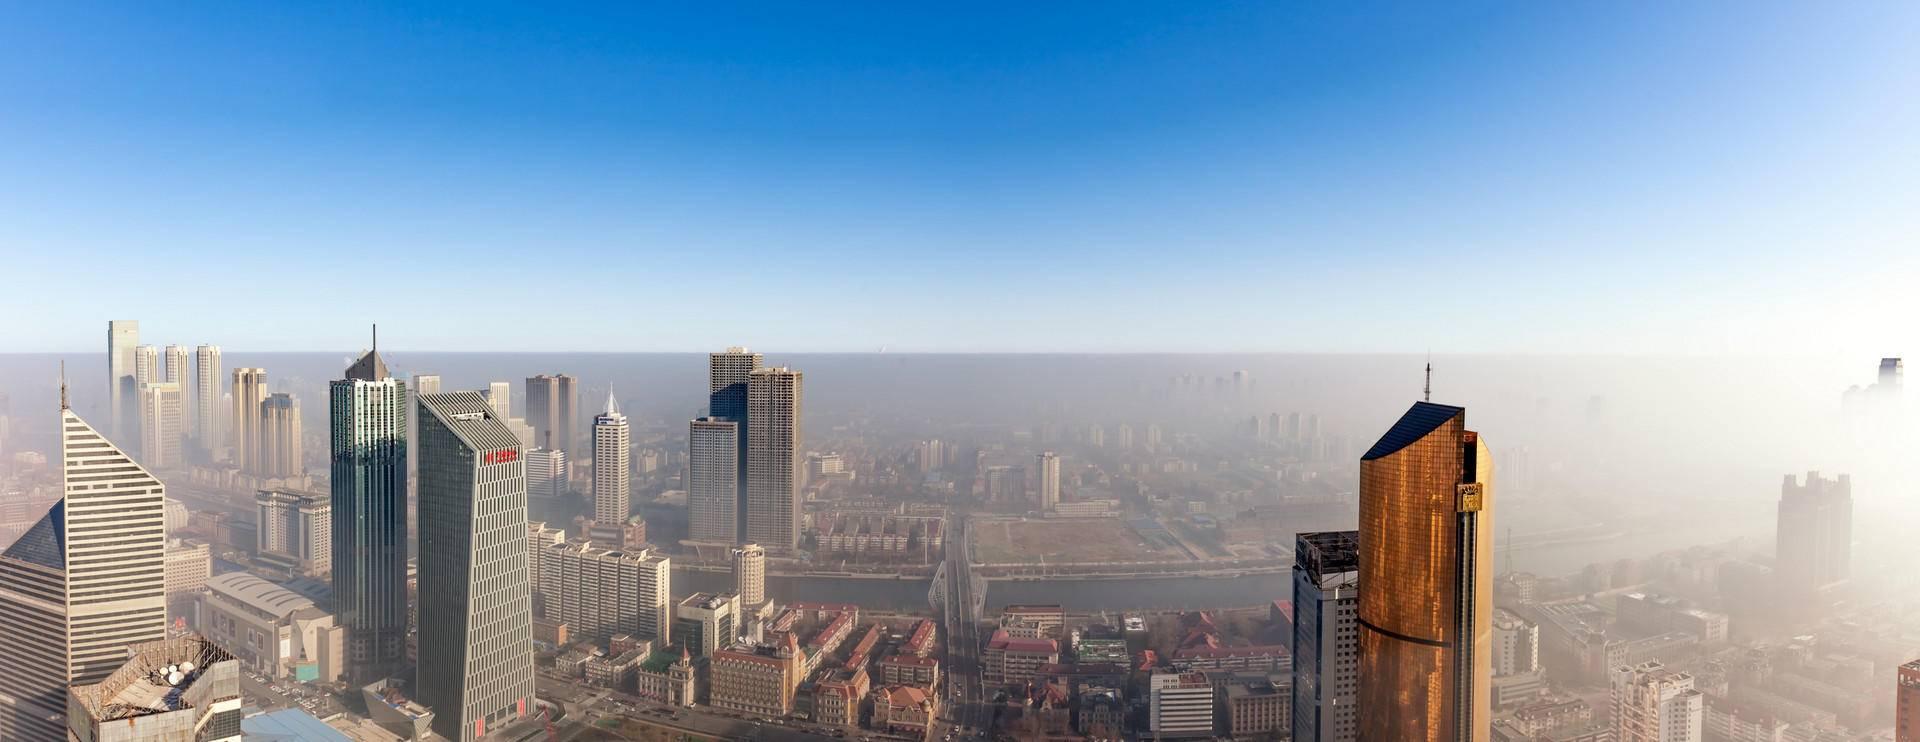 苹果在中国的14家组装工厂,全部实现零废弃物排放